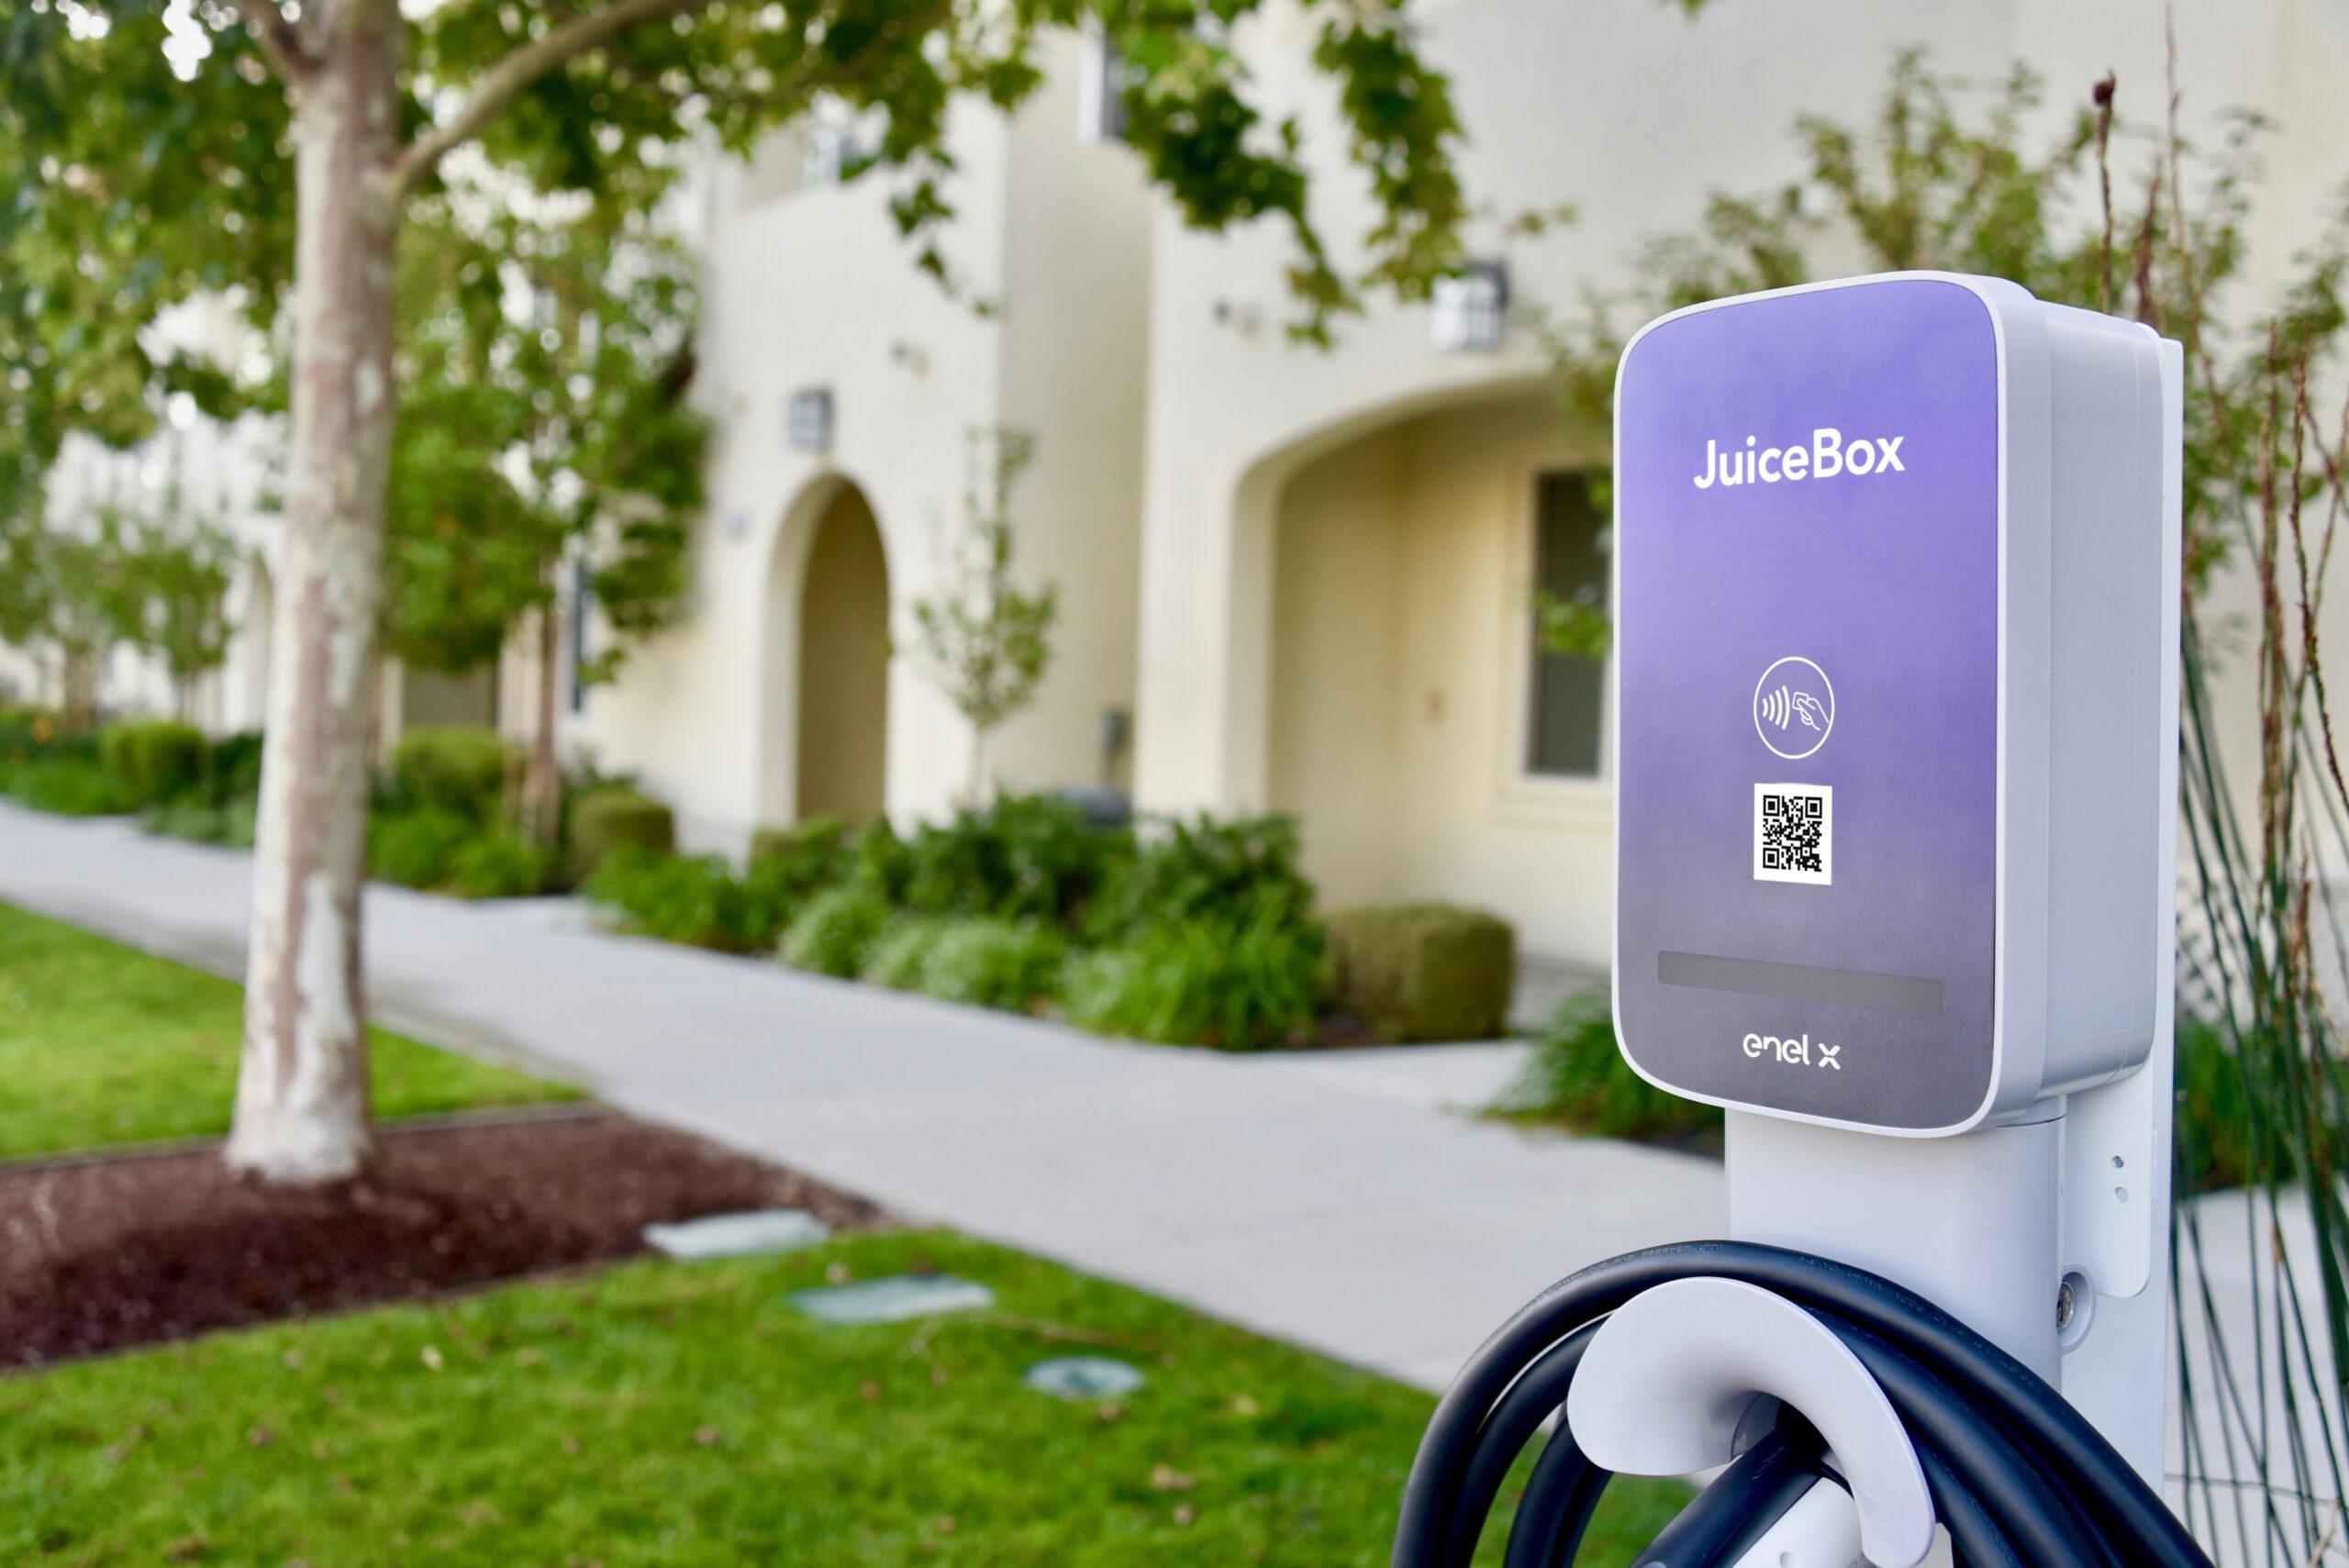 Η Enel X δημιουργεί το πρώτο 100% ηλεκτρικό παναμερικανικό ηλεκτρικό δίκτυο